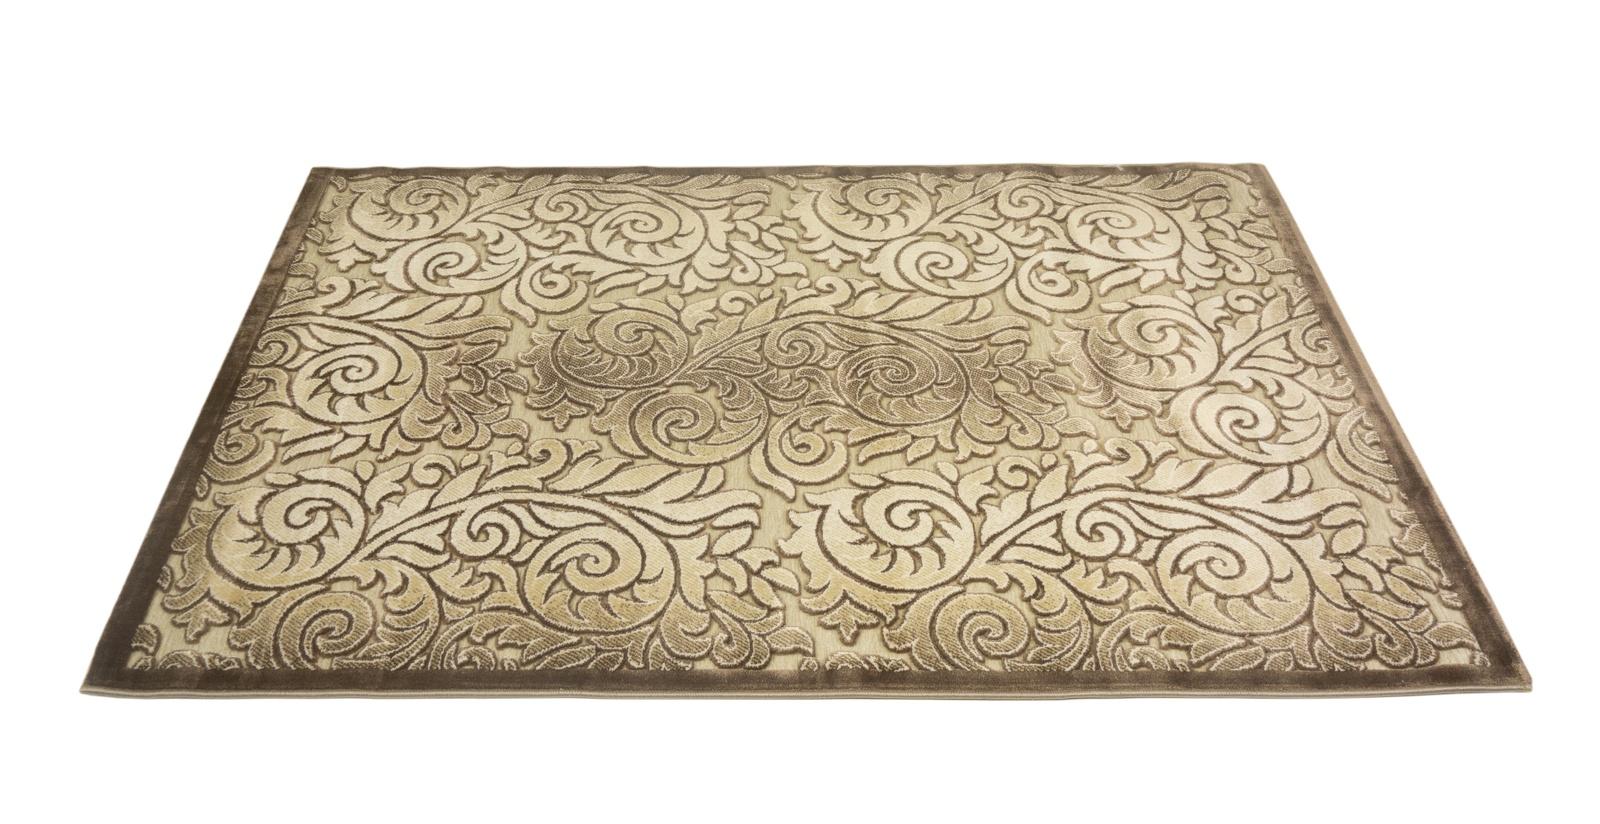 лучшая цена Ковер MADONNA 2,20х3,4/прямоугольник/80018А/беж-коричневый